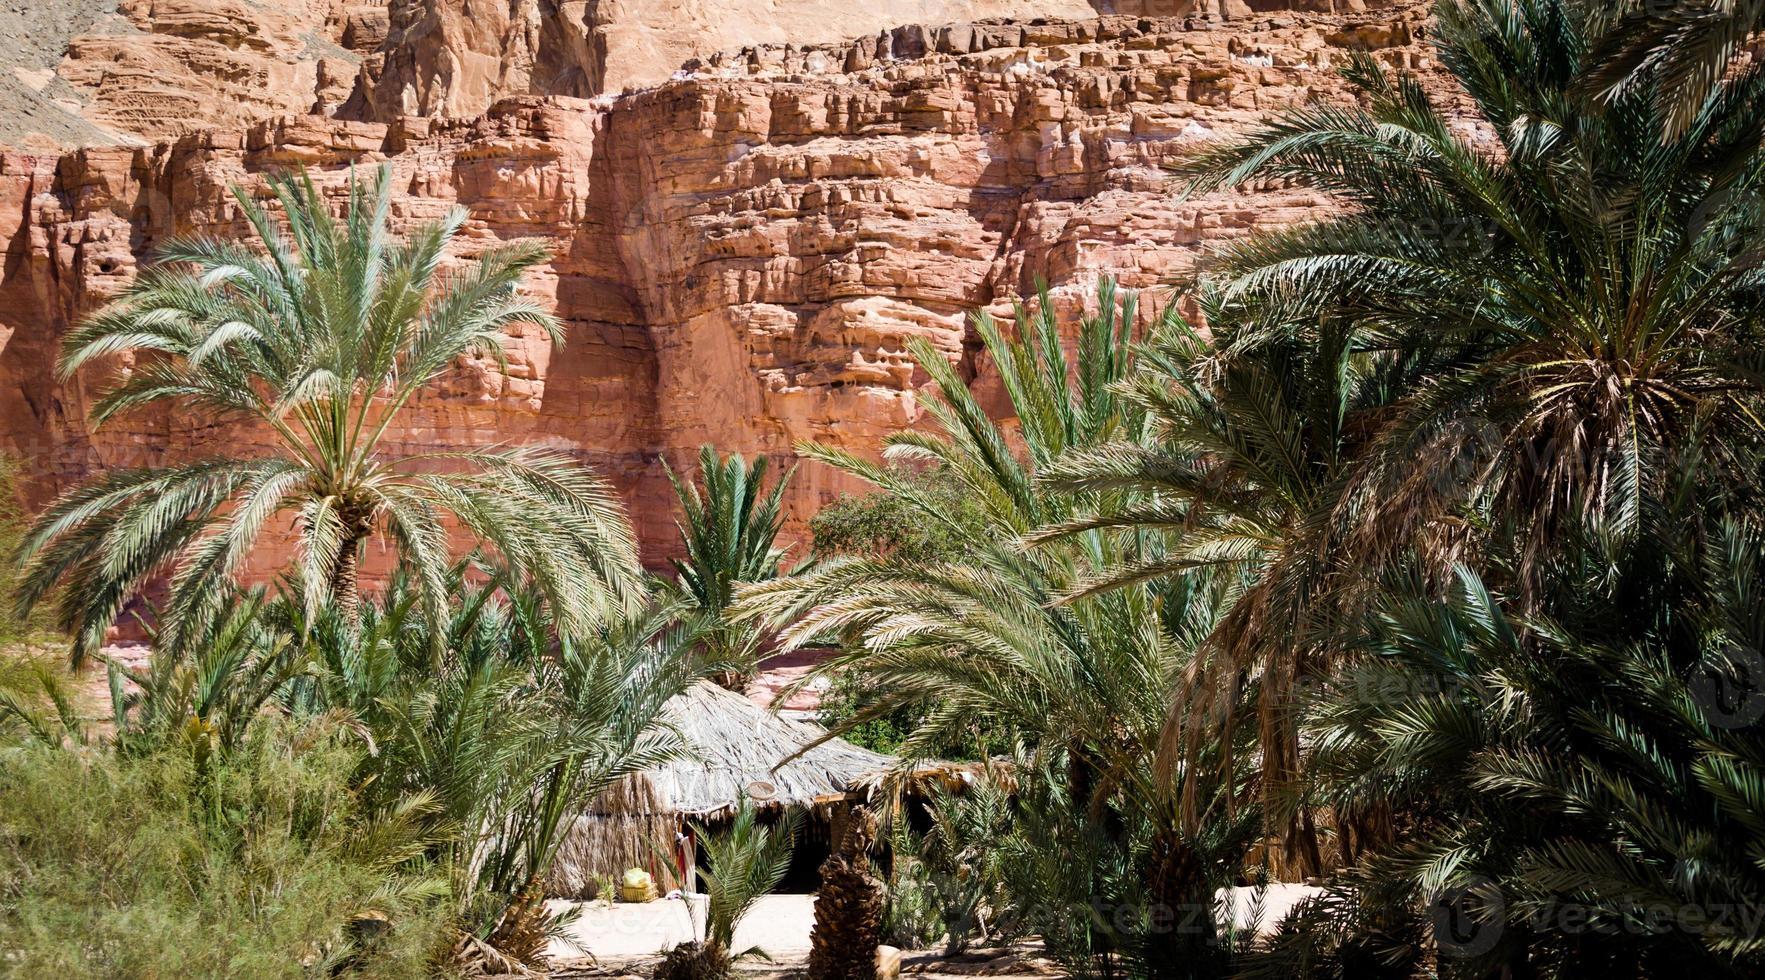 bedoeïenen in de woestijn tussen planten foto